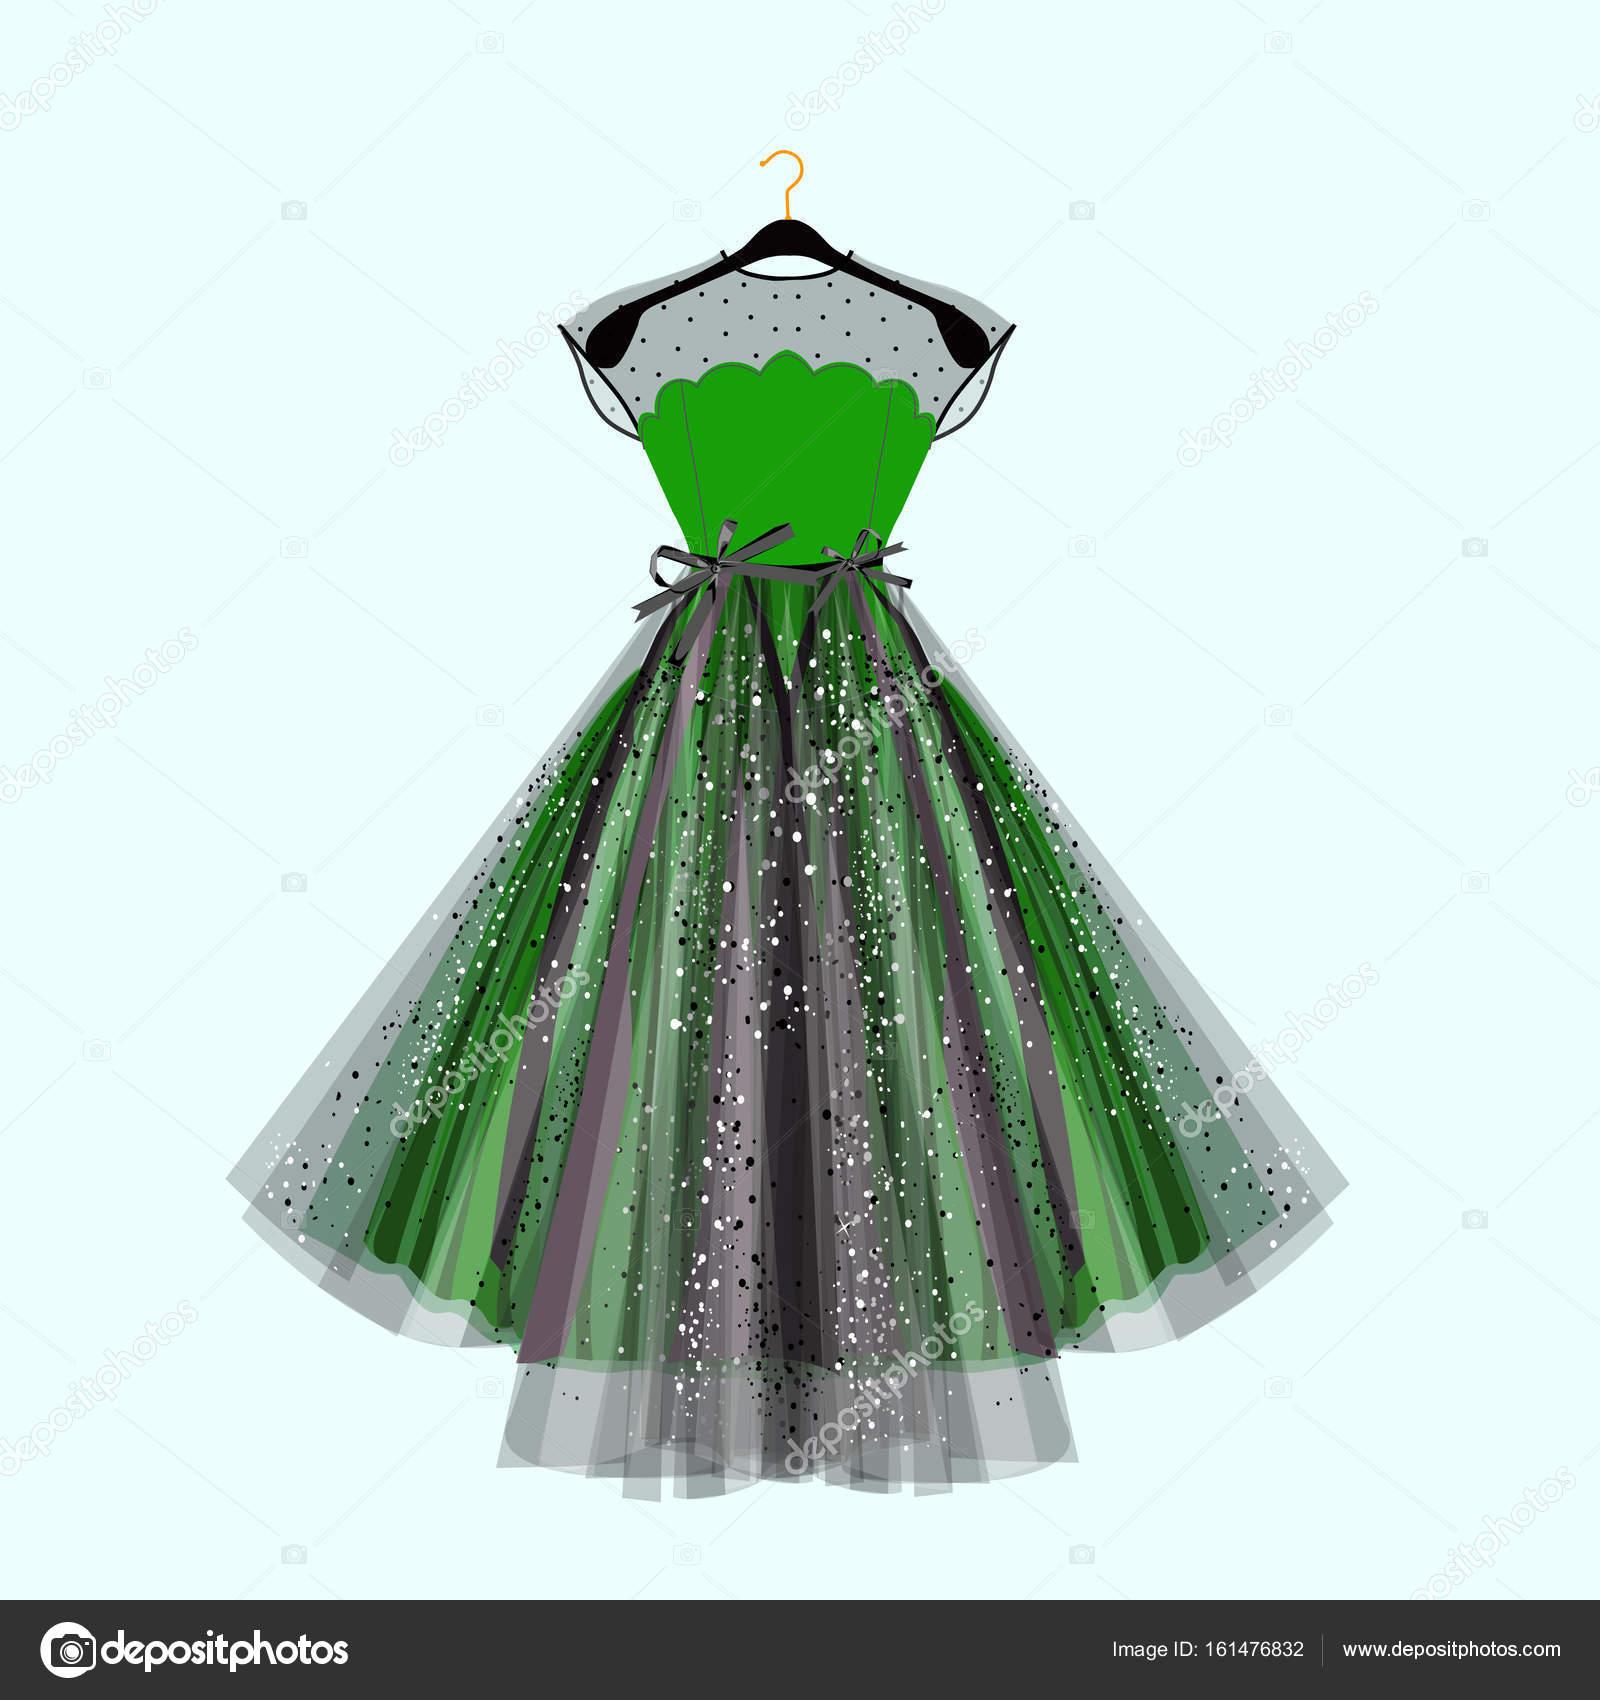 Schöne Party-Kleid. Grünes Kleid mit Strass-Steinen. Vektor-Mode ...